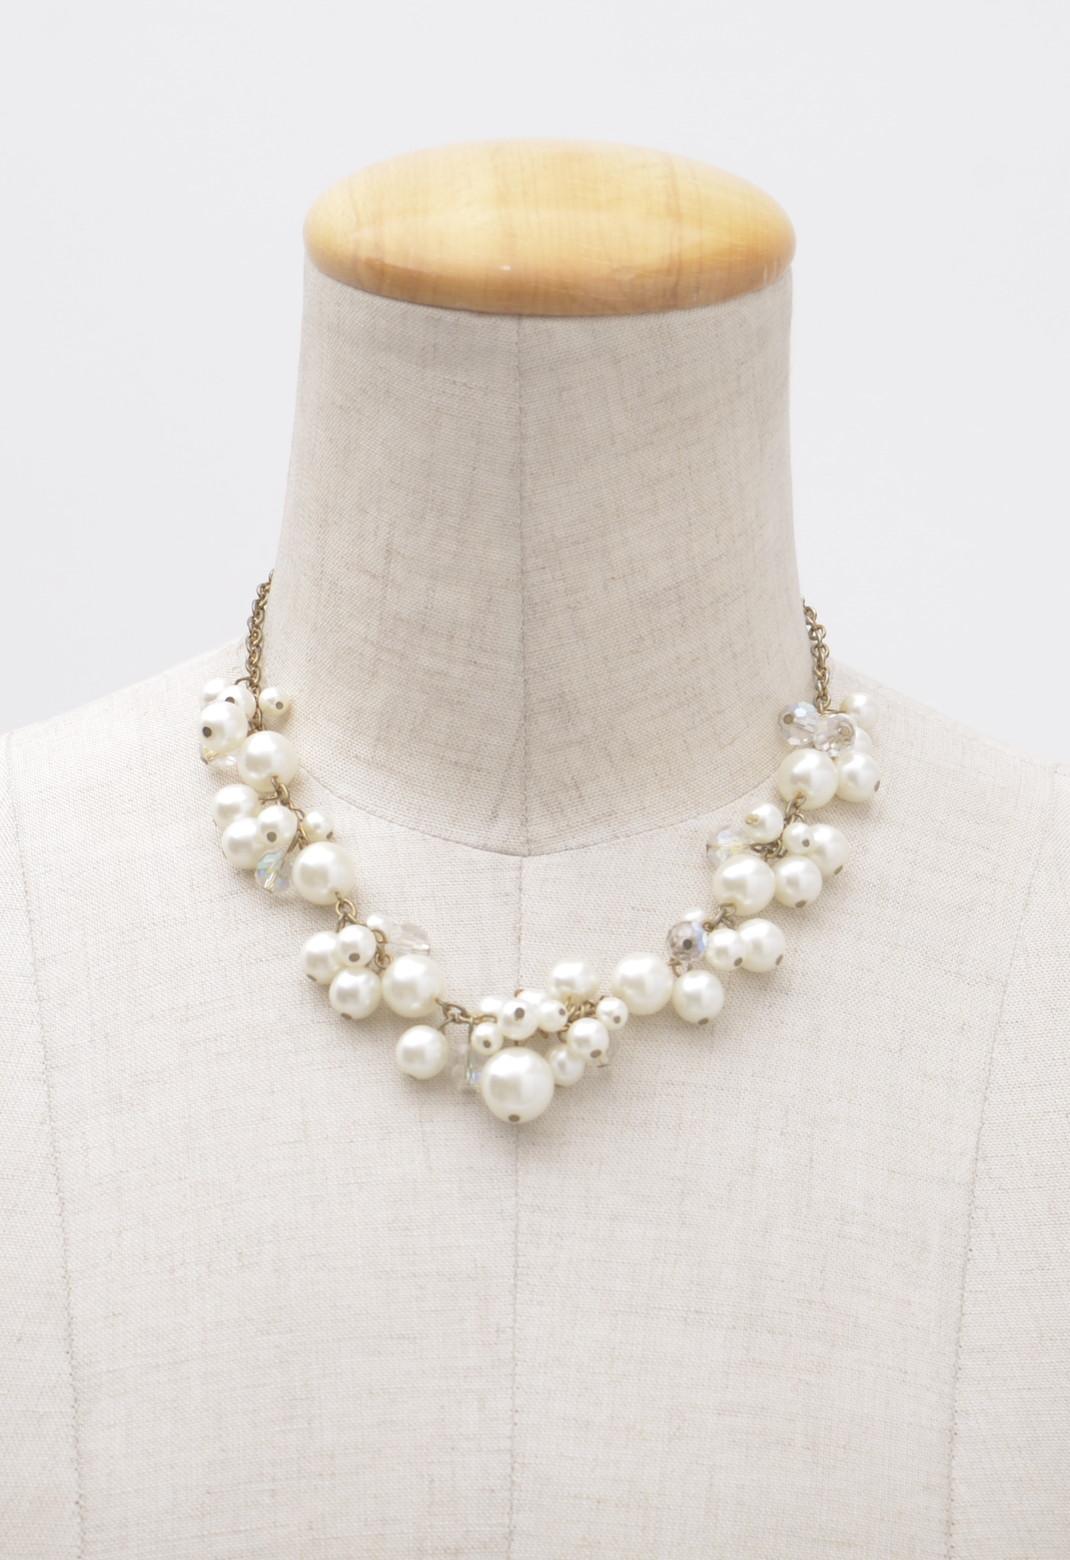 ホワイトパール × クリアビーズ ボリューム ネックレス